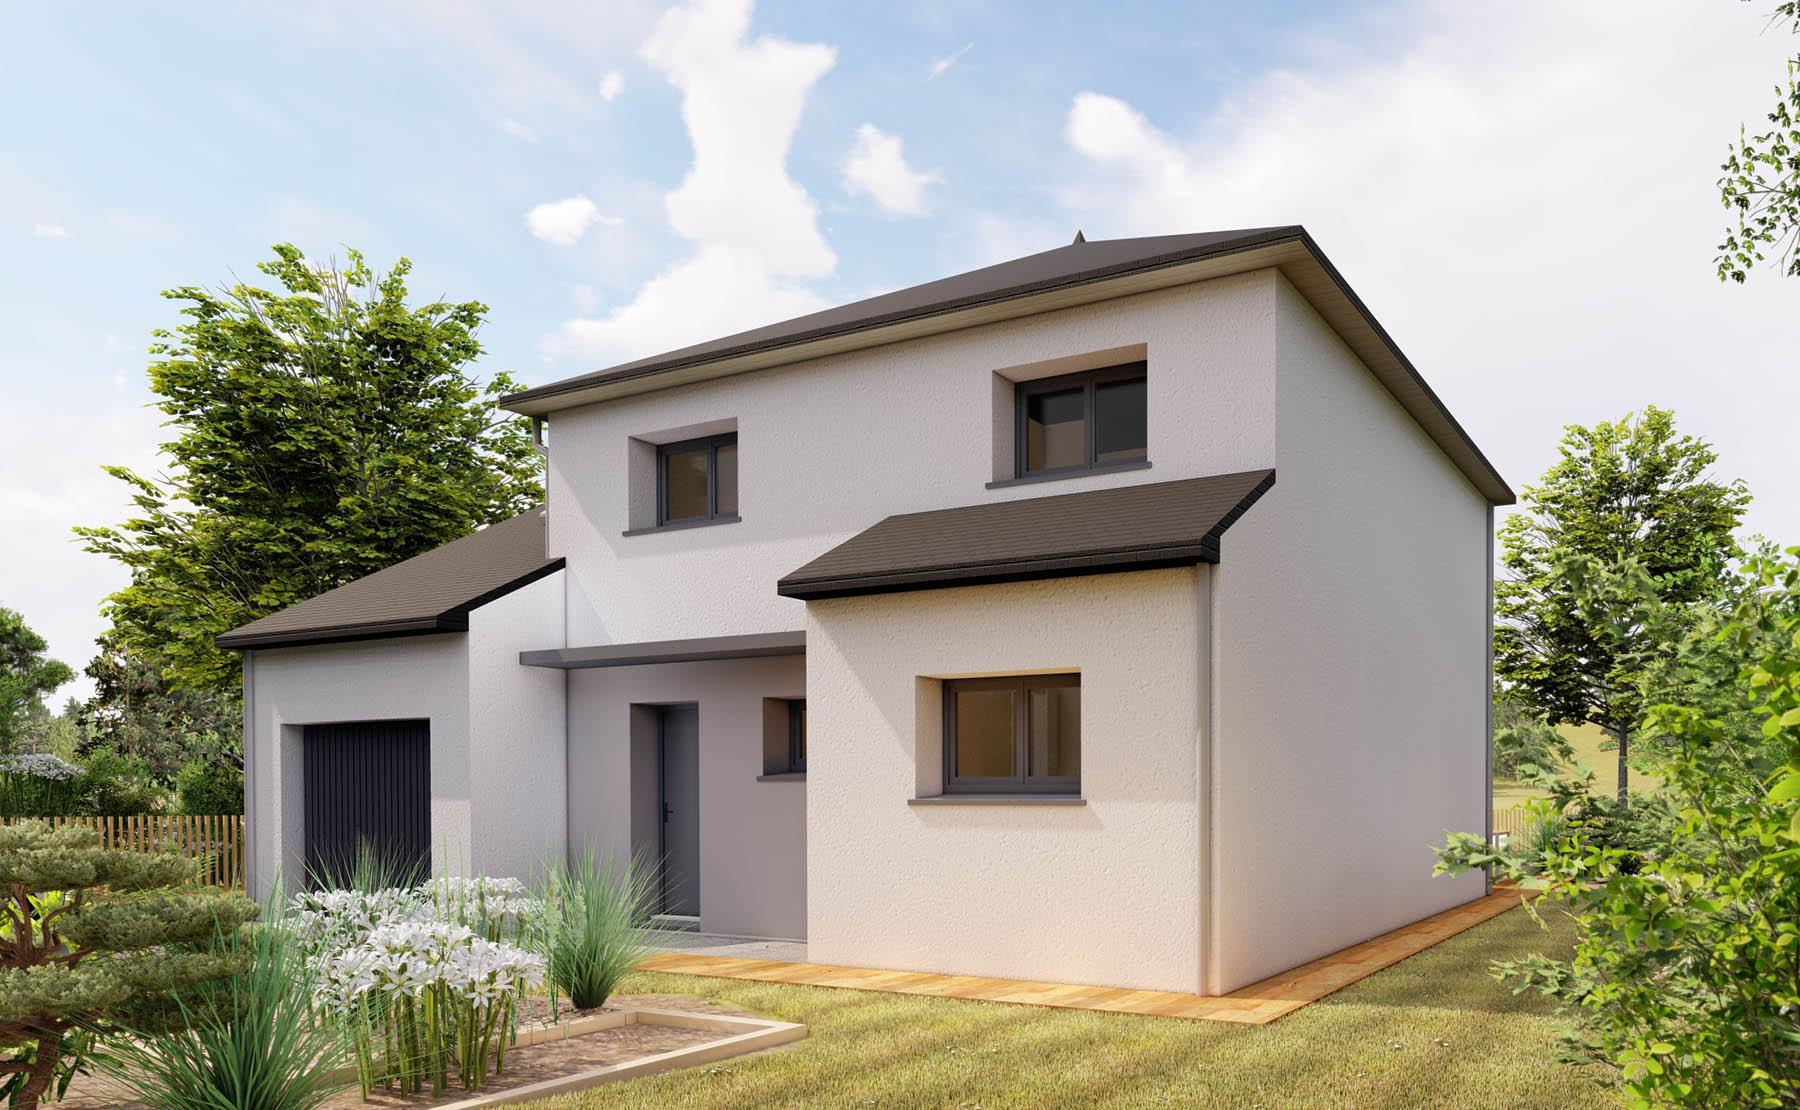 MTDC2018112103 Maison traditionnelle